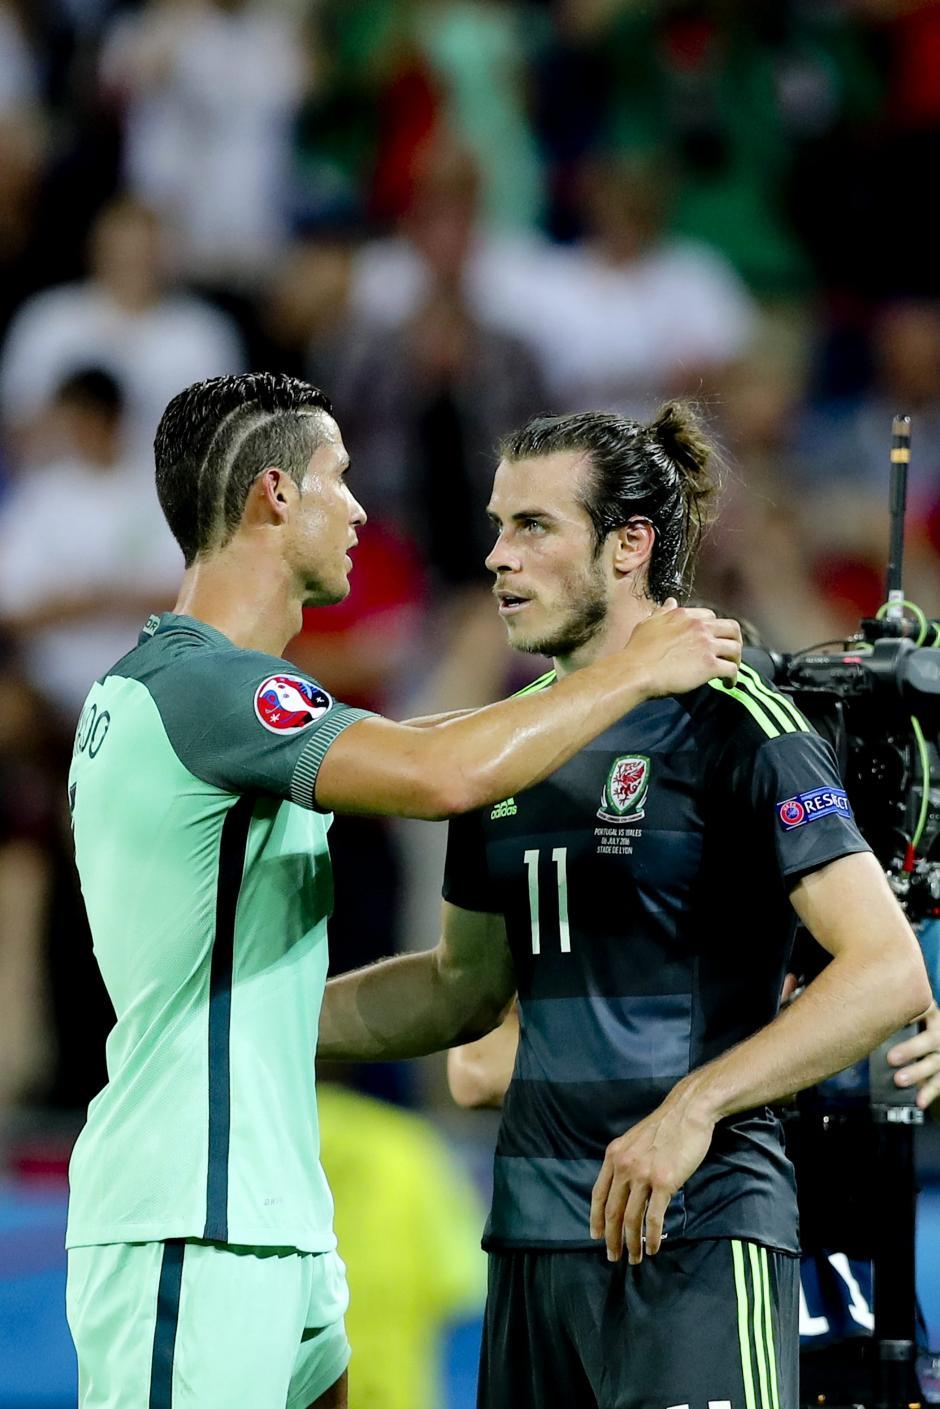 Las selecciones de Gales y Portugal se enfrentaron por el pase a la final. (Foto: EFE)